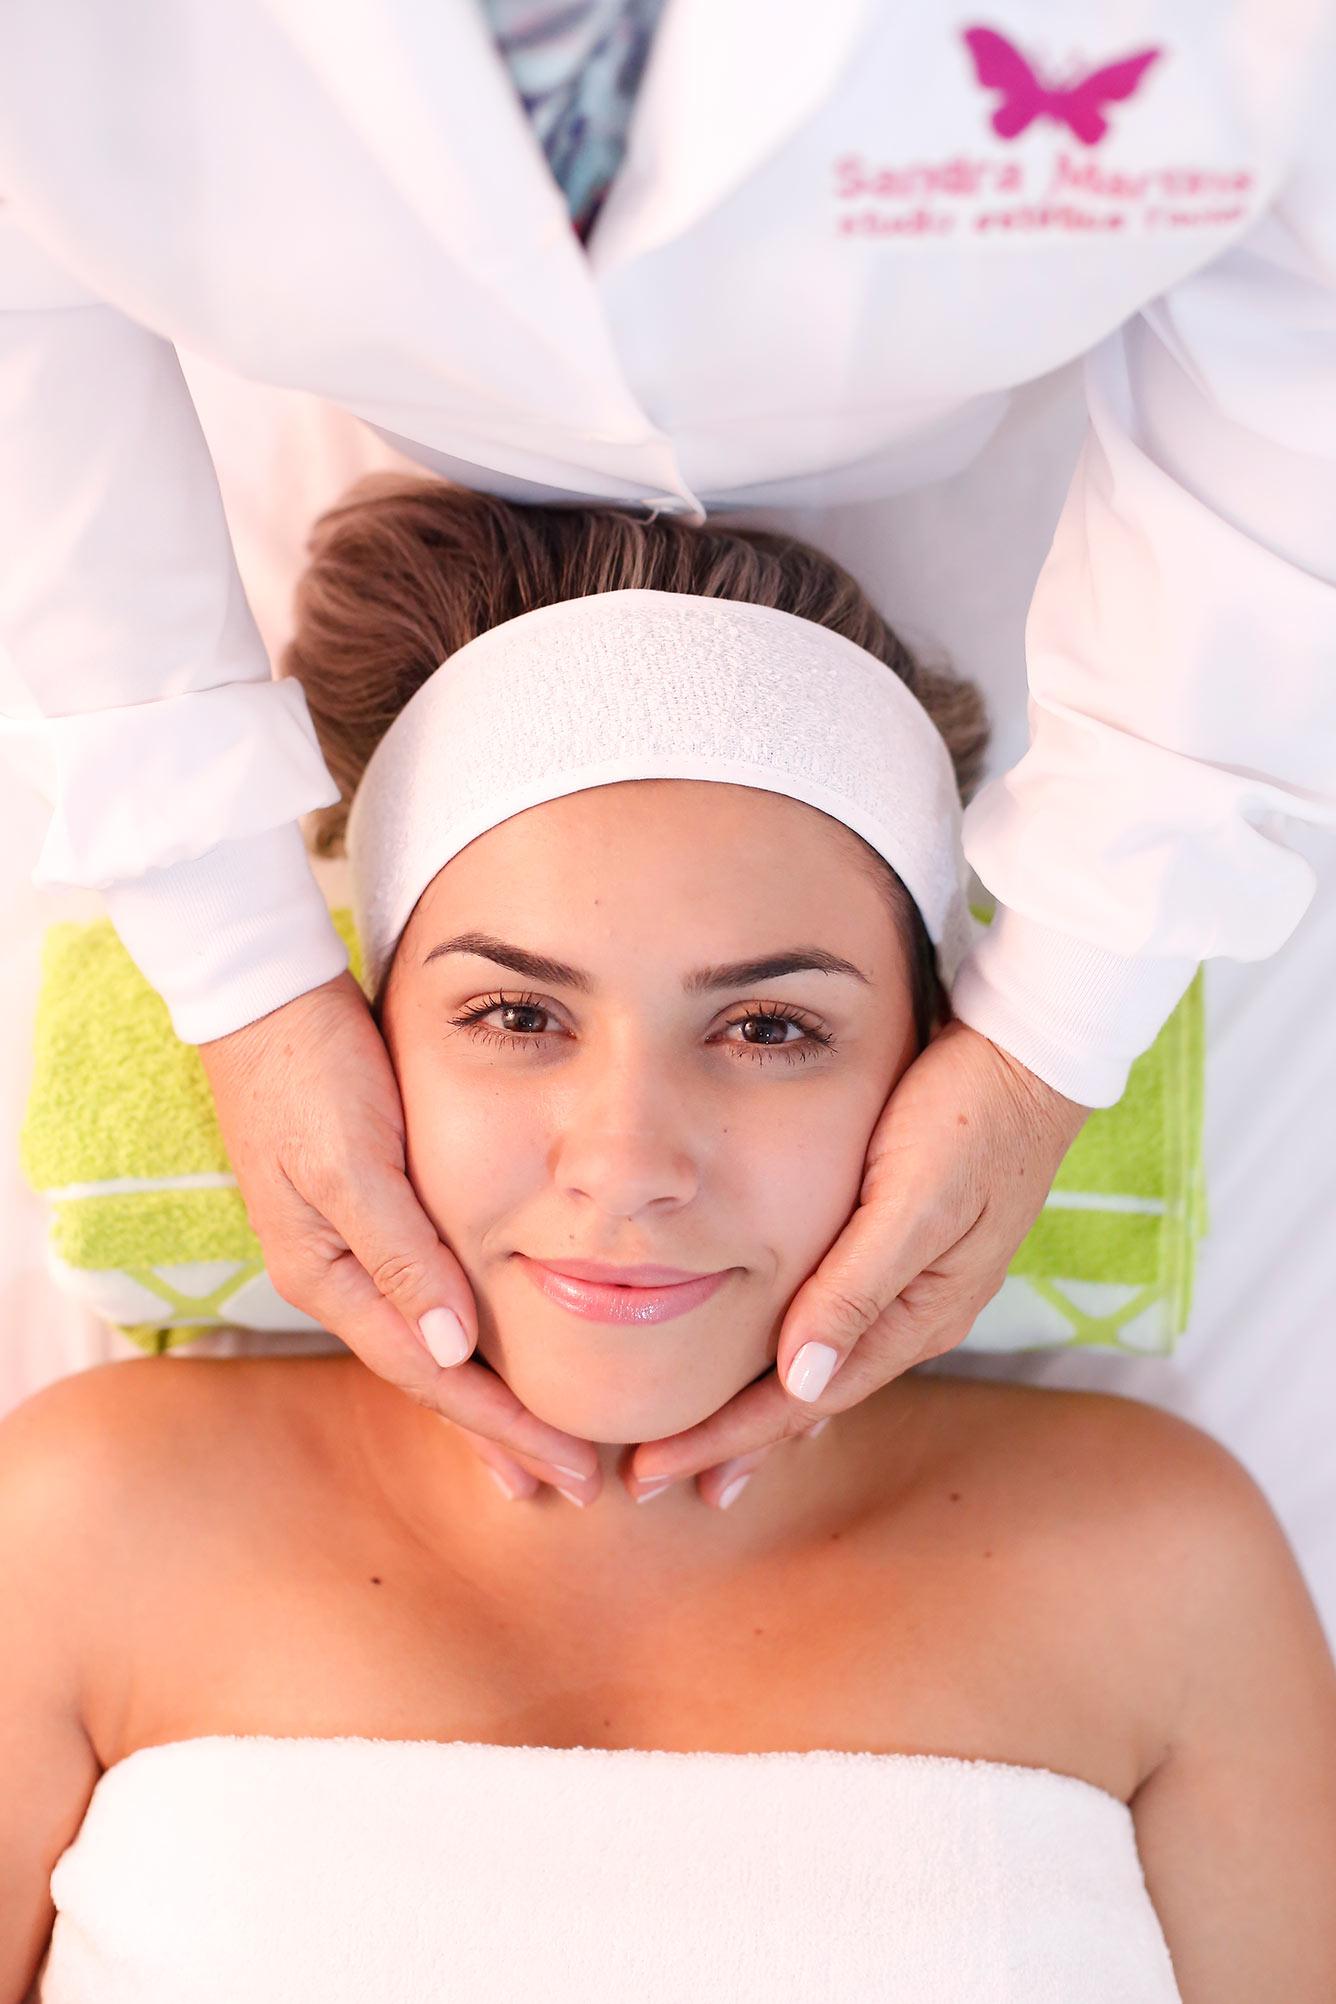 Venha fazer sua limpeza de pele profunda em Taguatinga (Brasília) no Studio Sandra Martins e melhore sua autoestima. Mais de 8 anos de experiência no DF